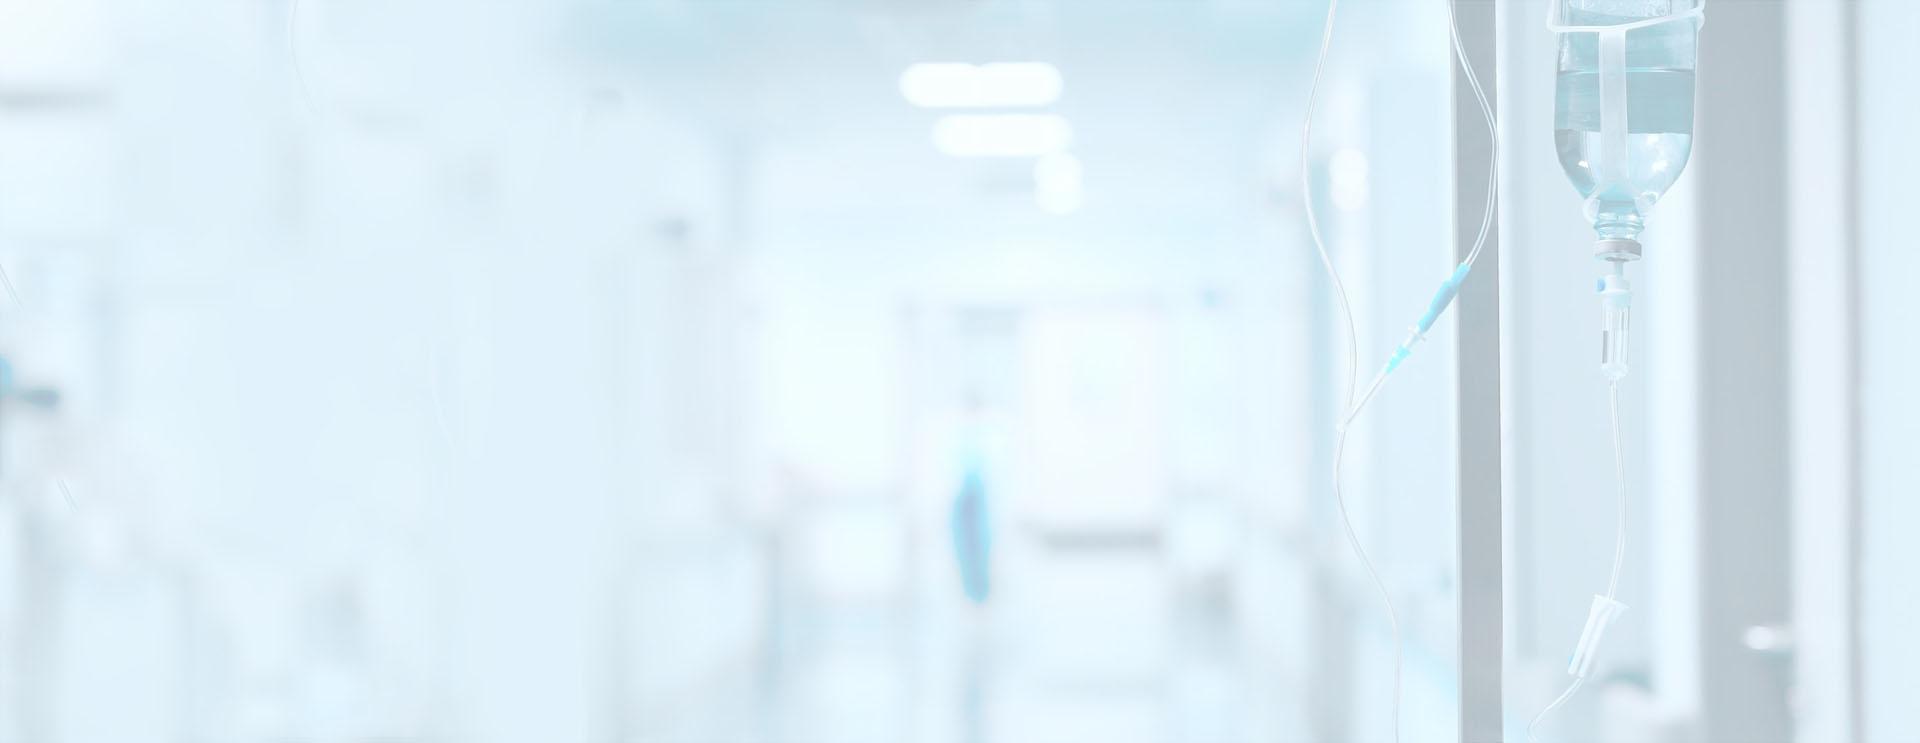 Вывод из запоя в стационаре в Новосибирске: круглосуточное наблюдение врачей